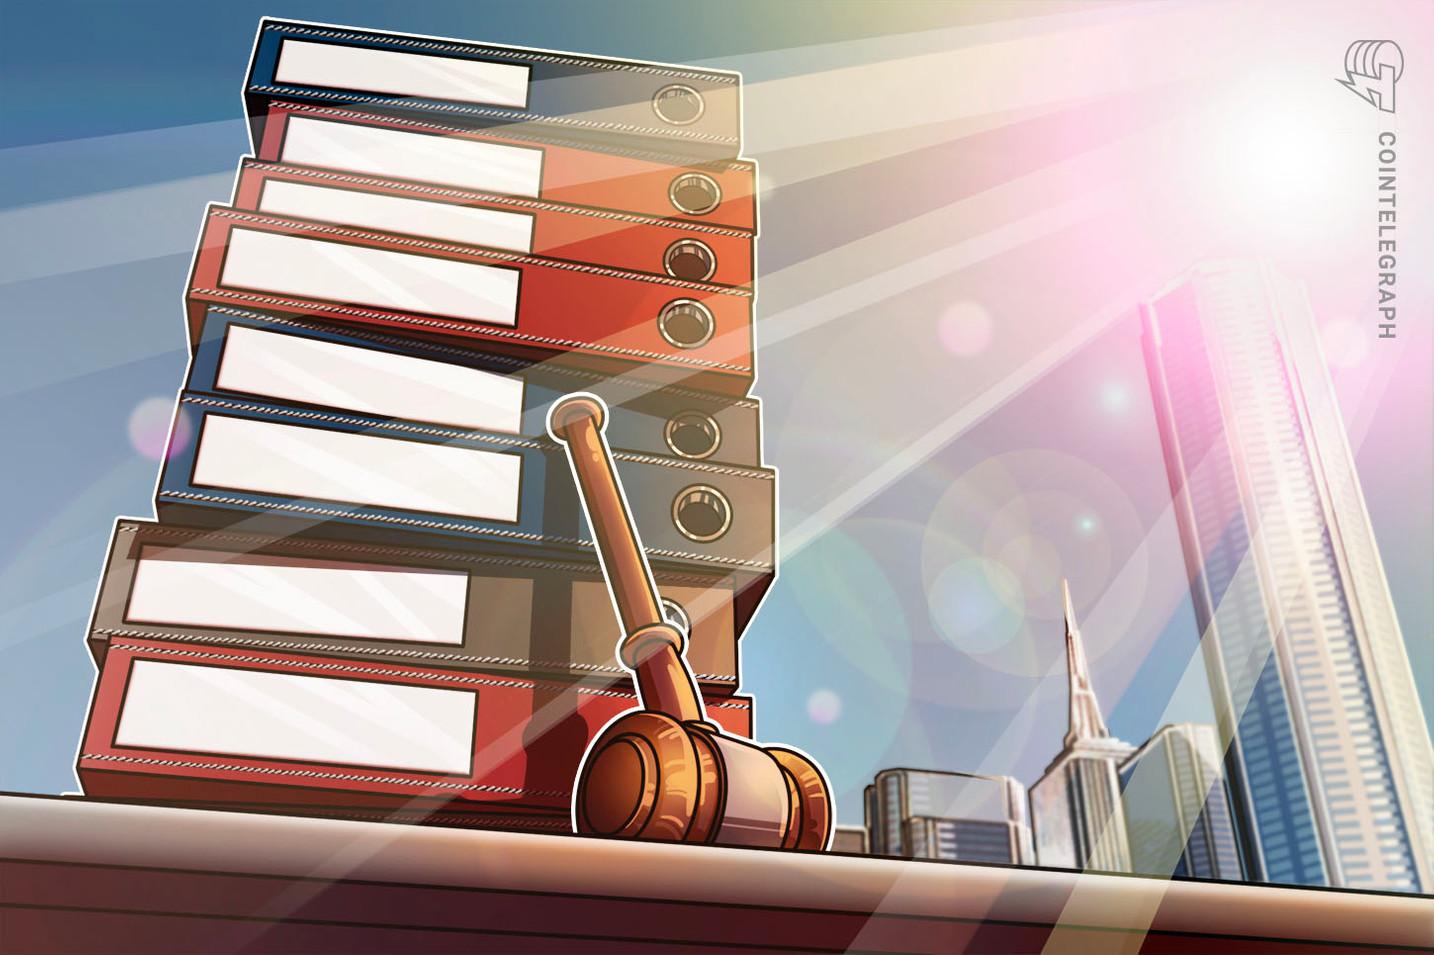 MoneyGram dovrà affrontare una causa legale per presunte false dichiarazioni su XRP